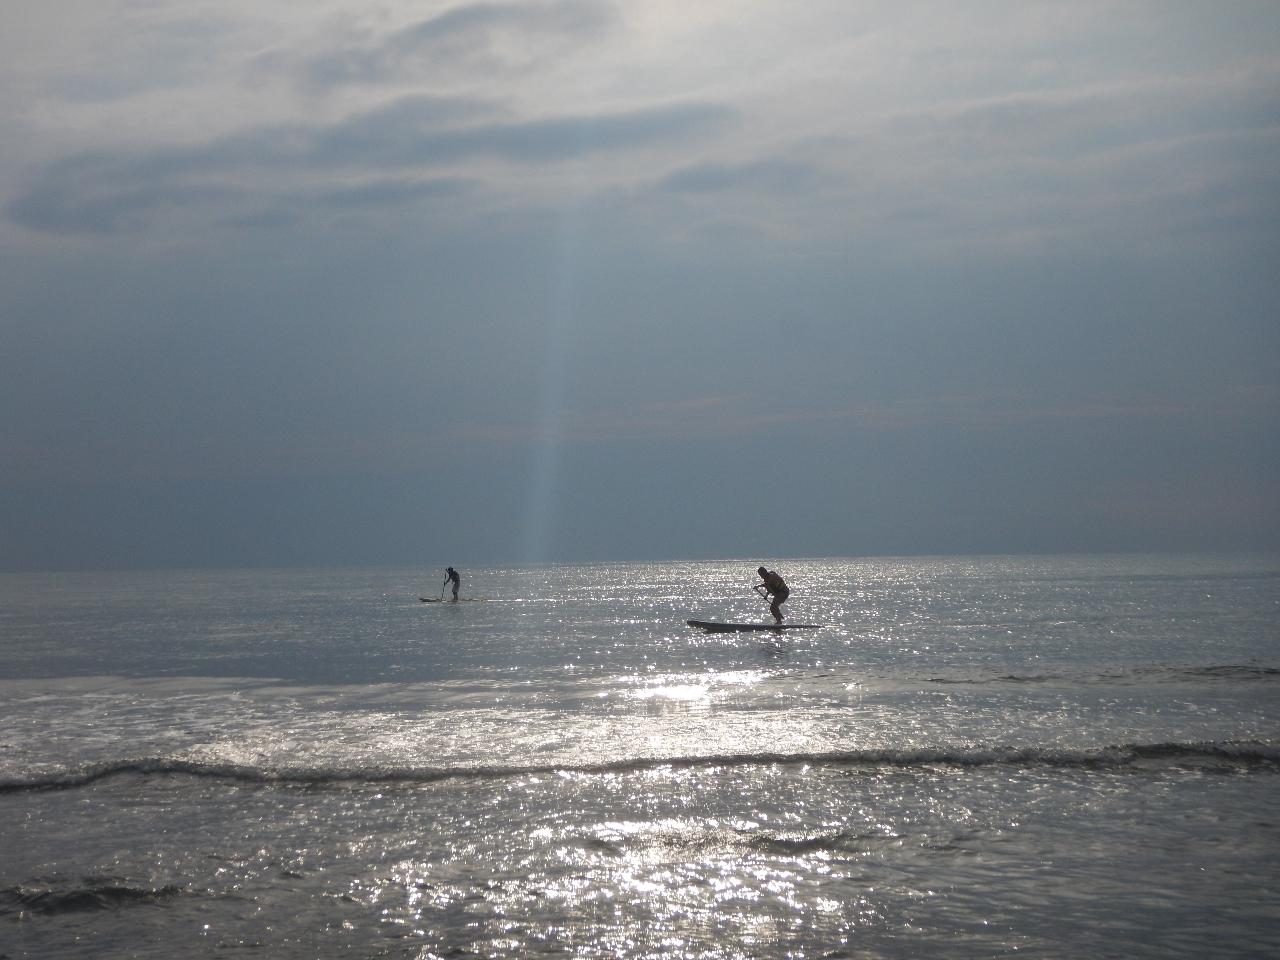 【山形市内発!】海まで行ってSUP体験 ♪(120分))ファミリー・カップル・友...